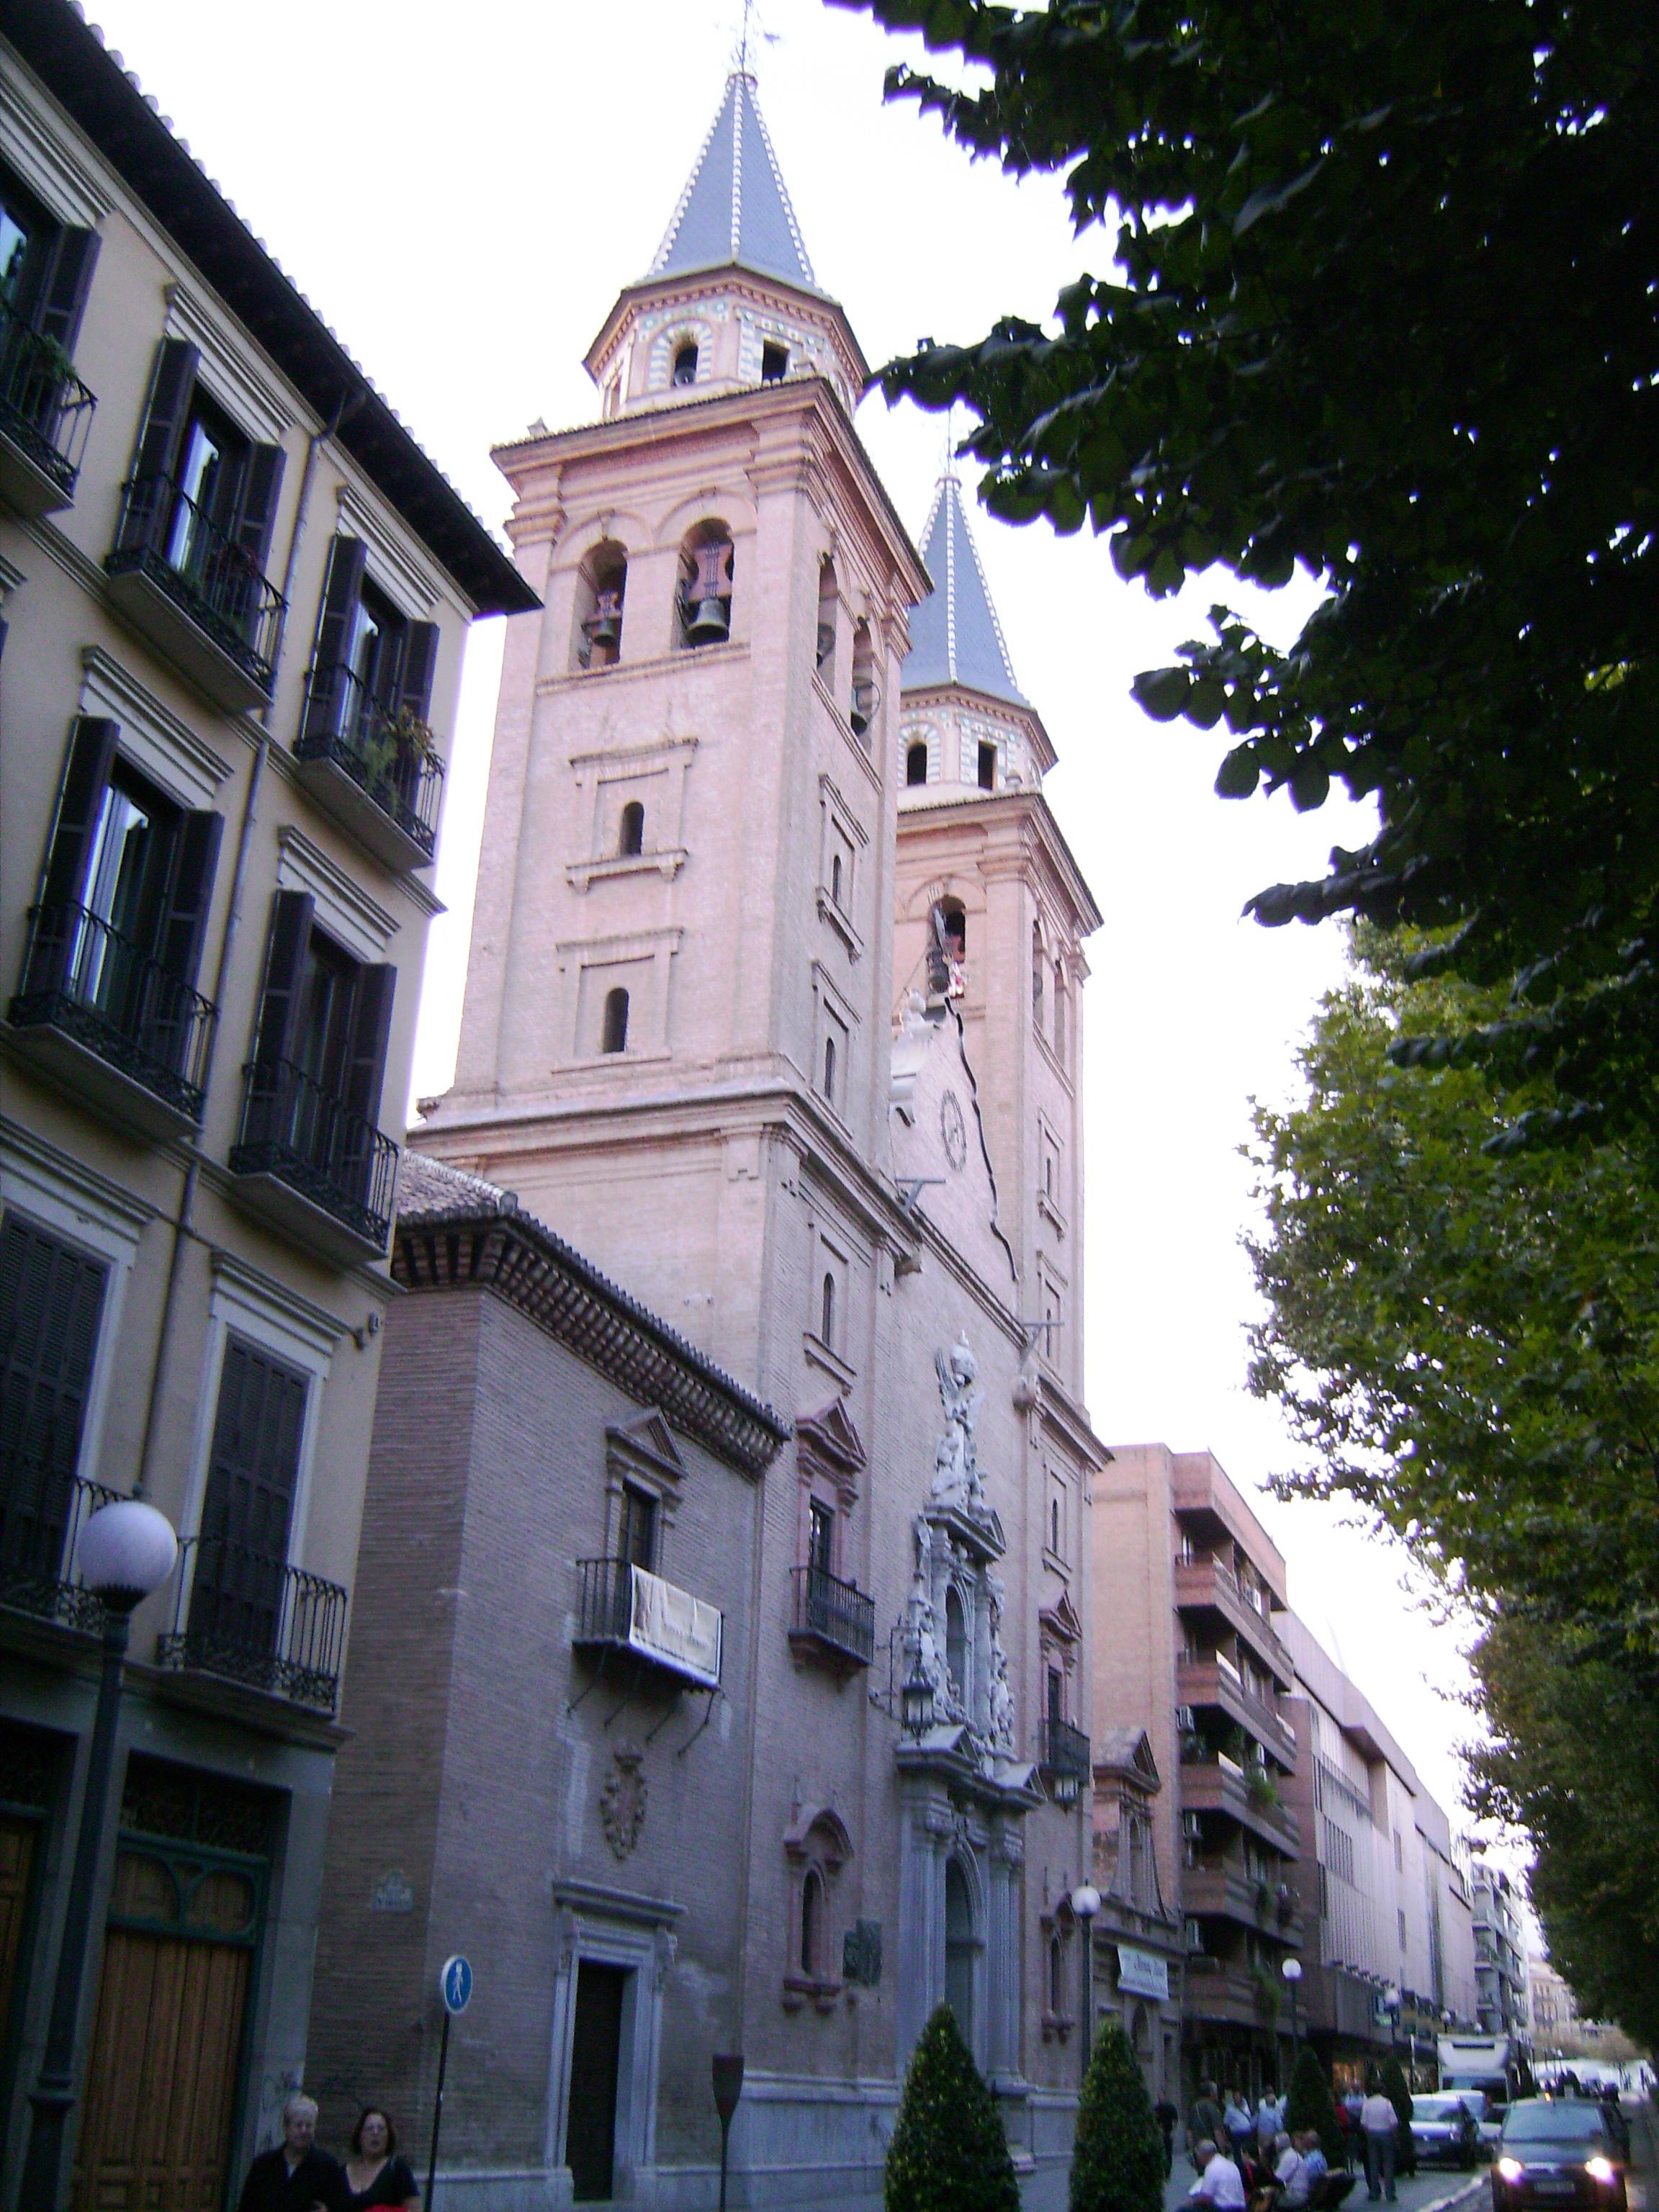 Ezen a rövid úton is található egy templom, a Basilica Ntra. Señora de las Angustias. A templomot a 17. században építették,